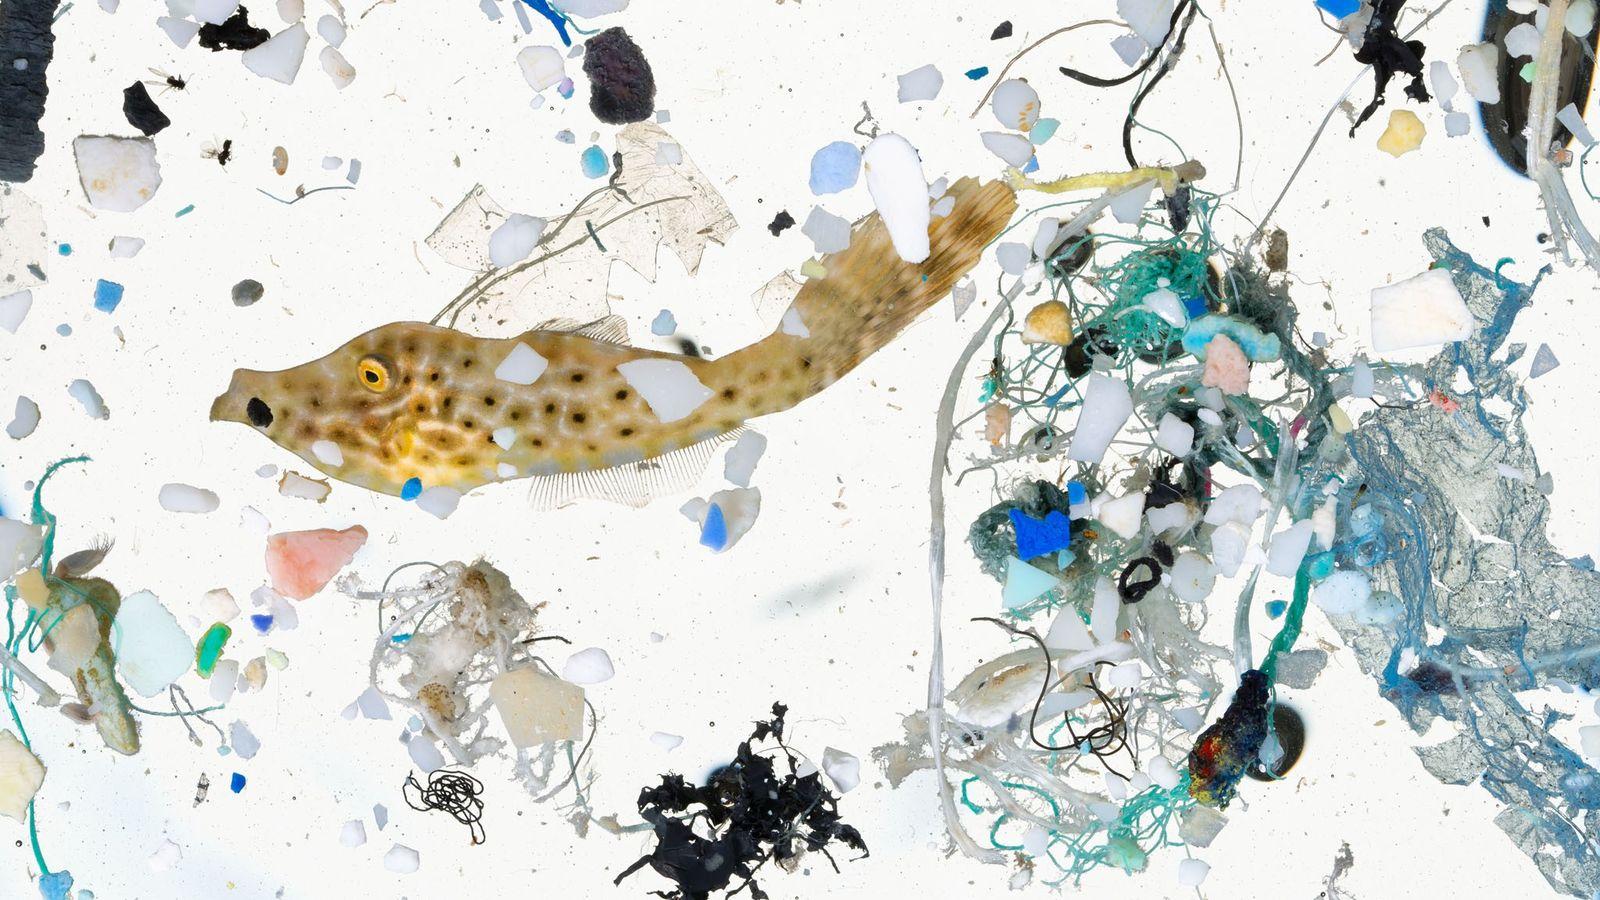 La vie marine et de minuscules morceaux de plastique ont été recueillis dans un échantillon d'eau ...